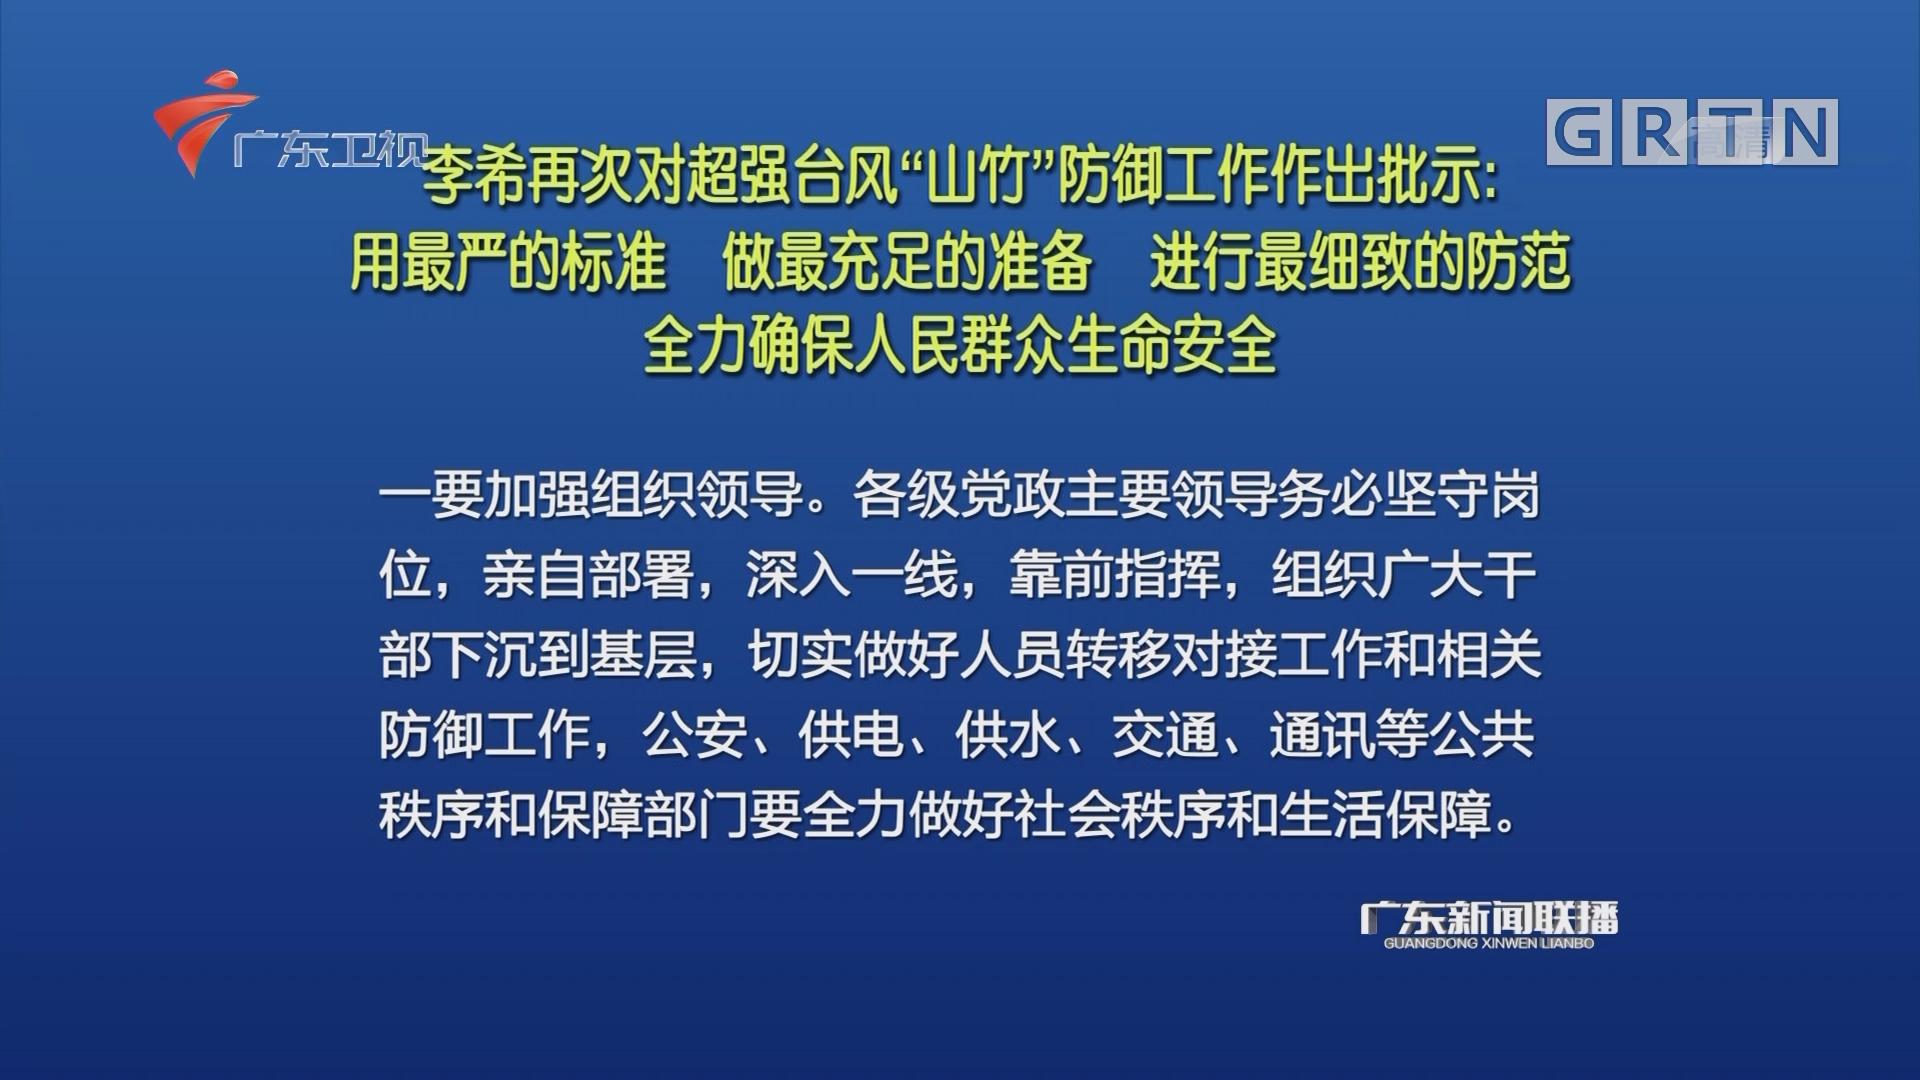 """李希再次对超强台风""""山竹""""防御工作作出批示:用最严的标准 做最充足的准备 进行最细致的防范 全力确保人民群众生命安全"""